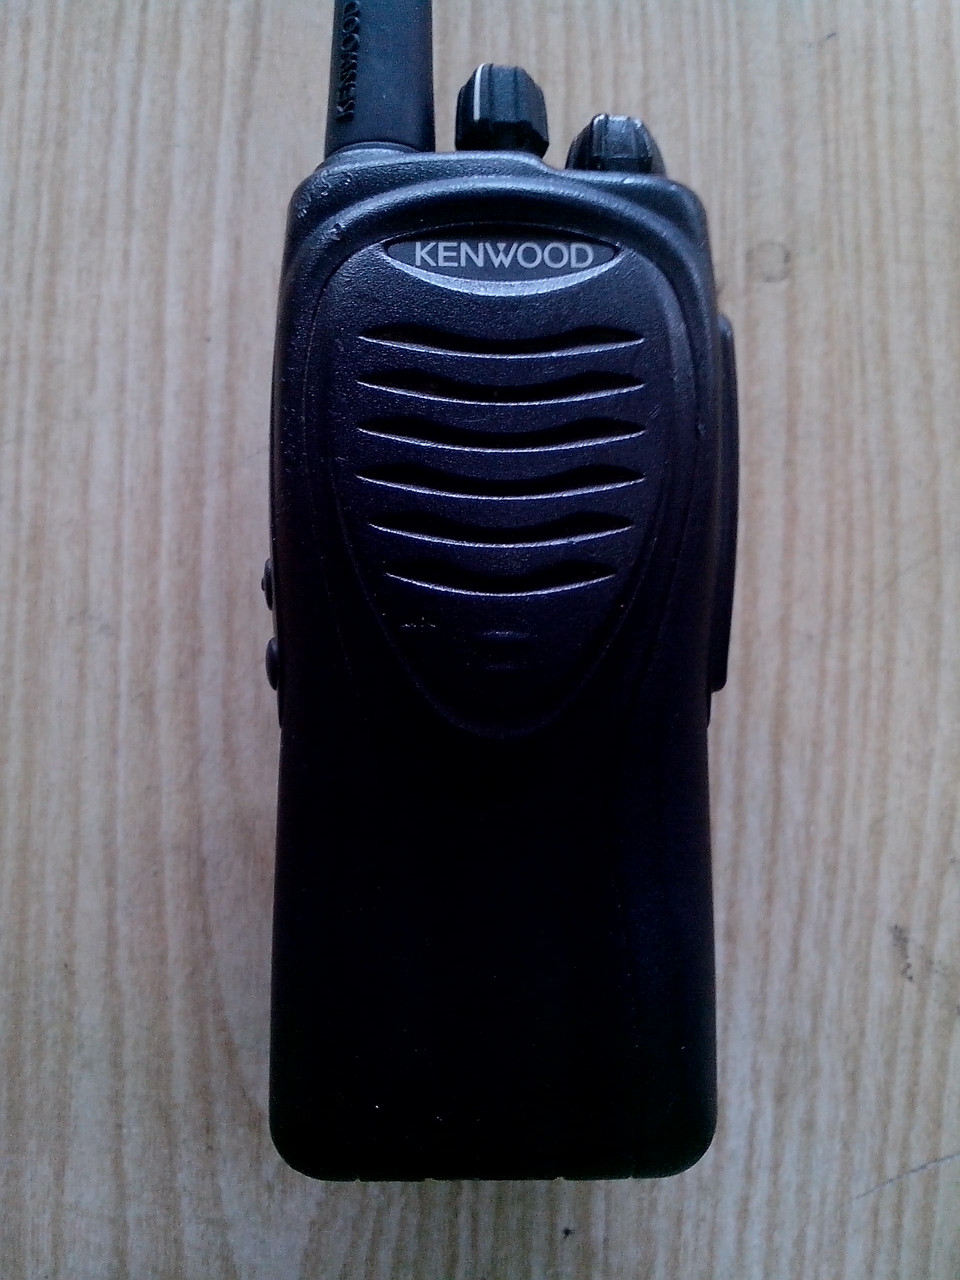 радиостанция kenwood 2260 5 инструкция